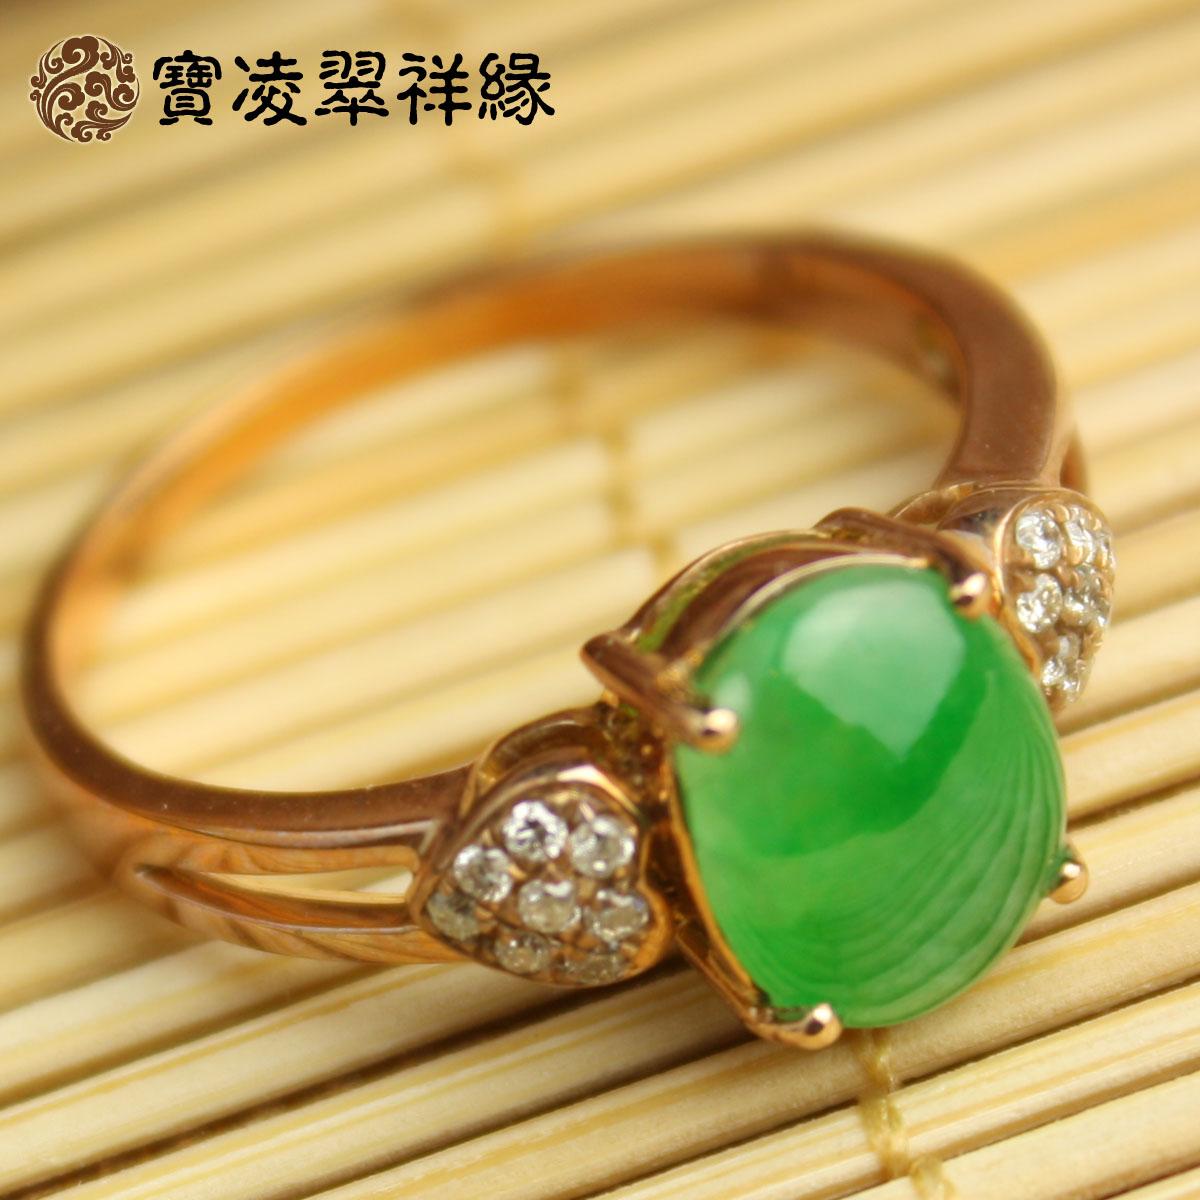 宝凌珠宝 18K黄金镶嵌 A货翡翠冰种阳绿镶钻石戒指 心心相印款